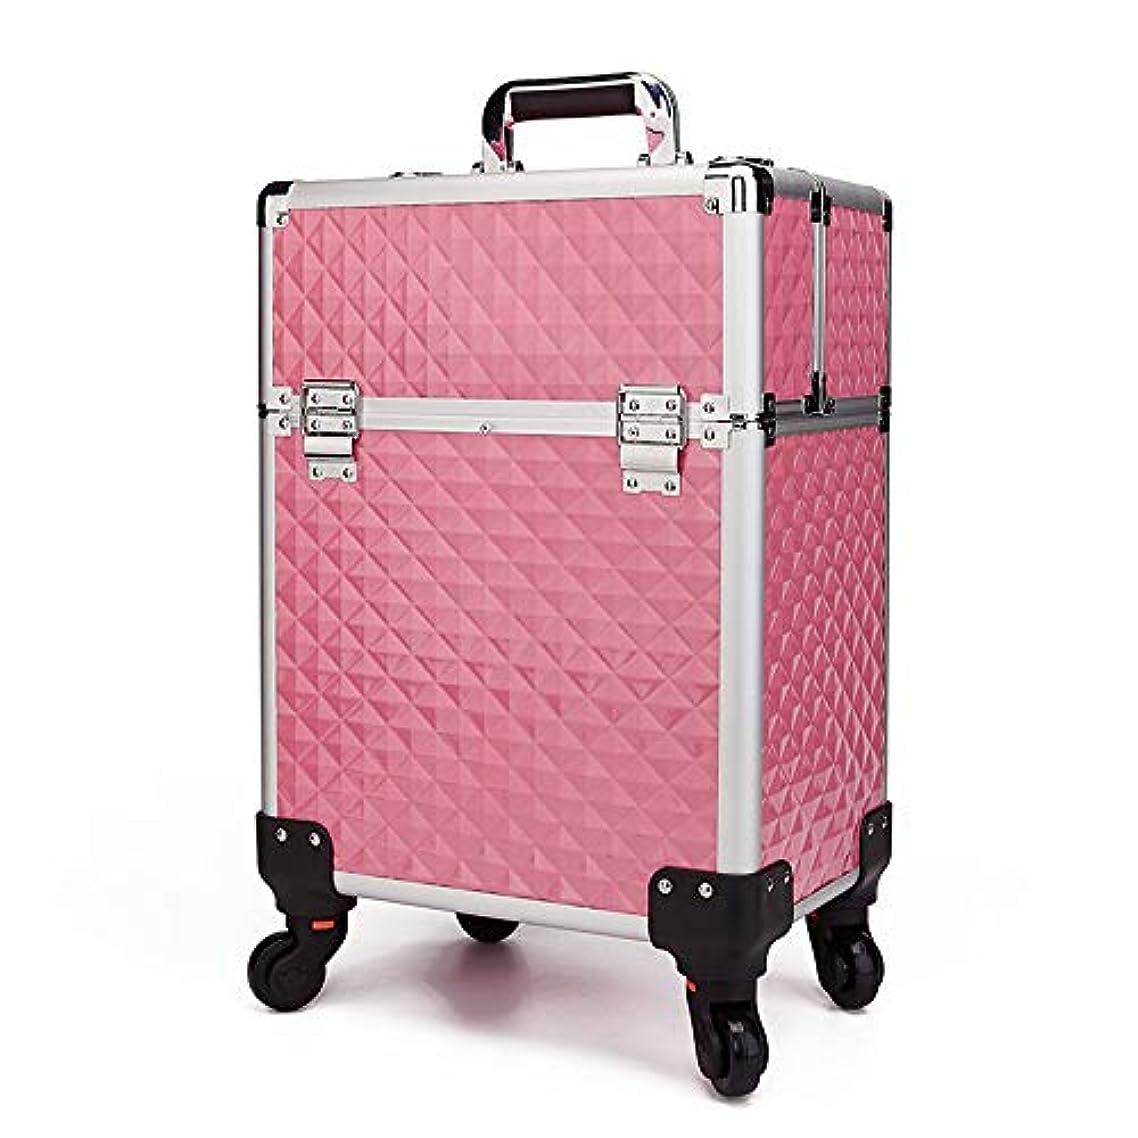 ポーン感性媒染剤特大スペース収納ビューティーボックス 女の子の女性旅行のための新しく、実用的な携帯用化粧箱およびロックおよび皿が付いている毎日の貯蔵 化粧品化粧台 (色 : ピンク)